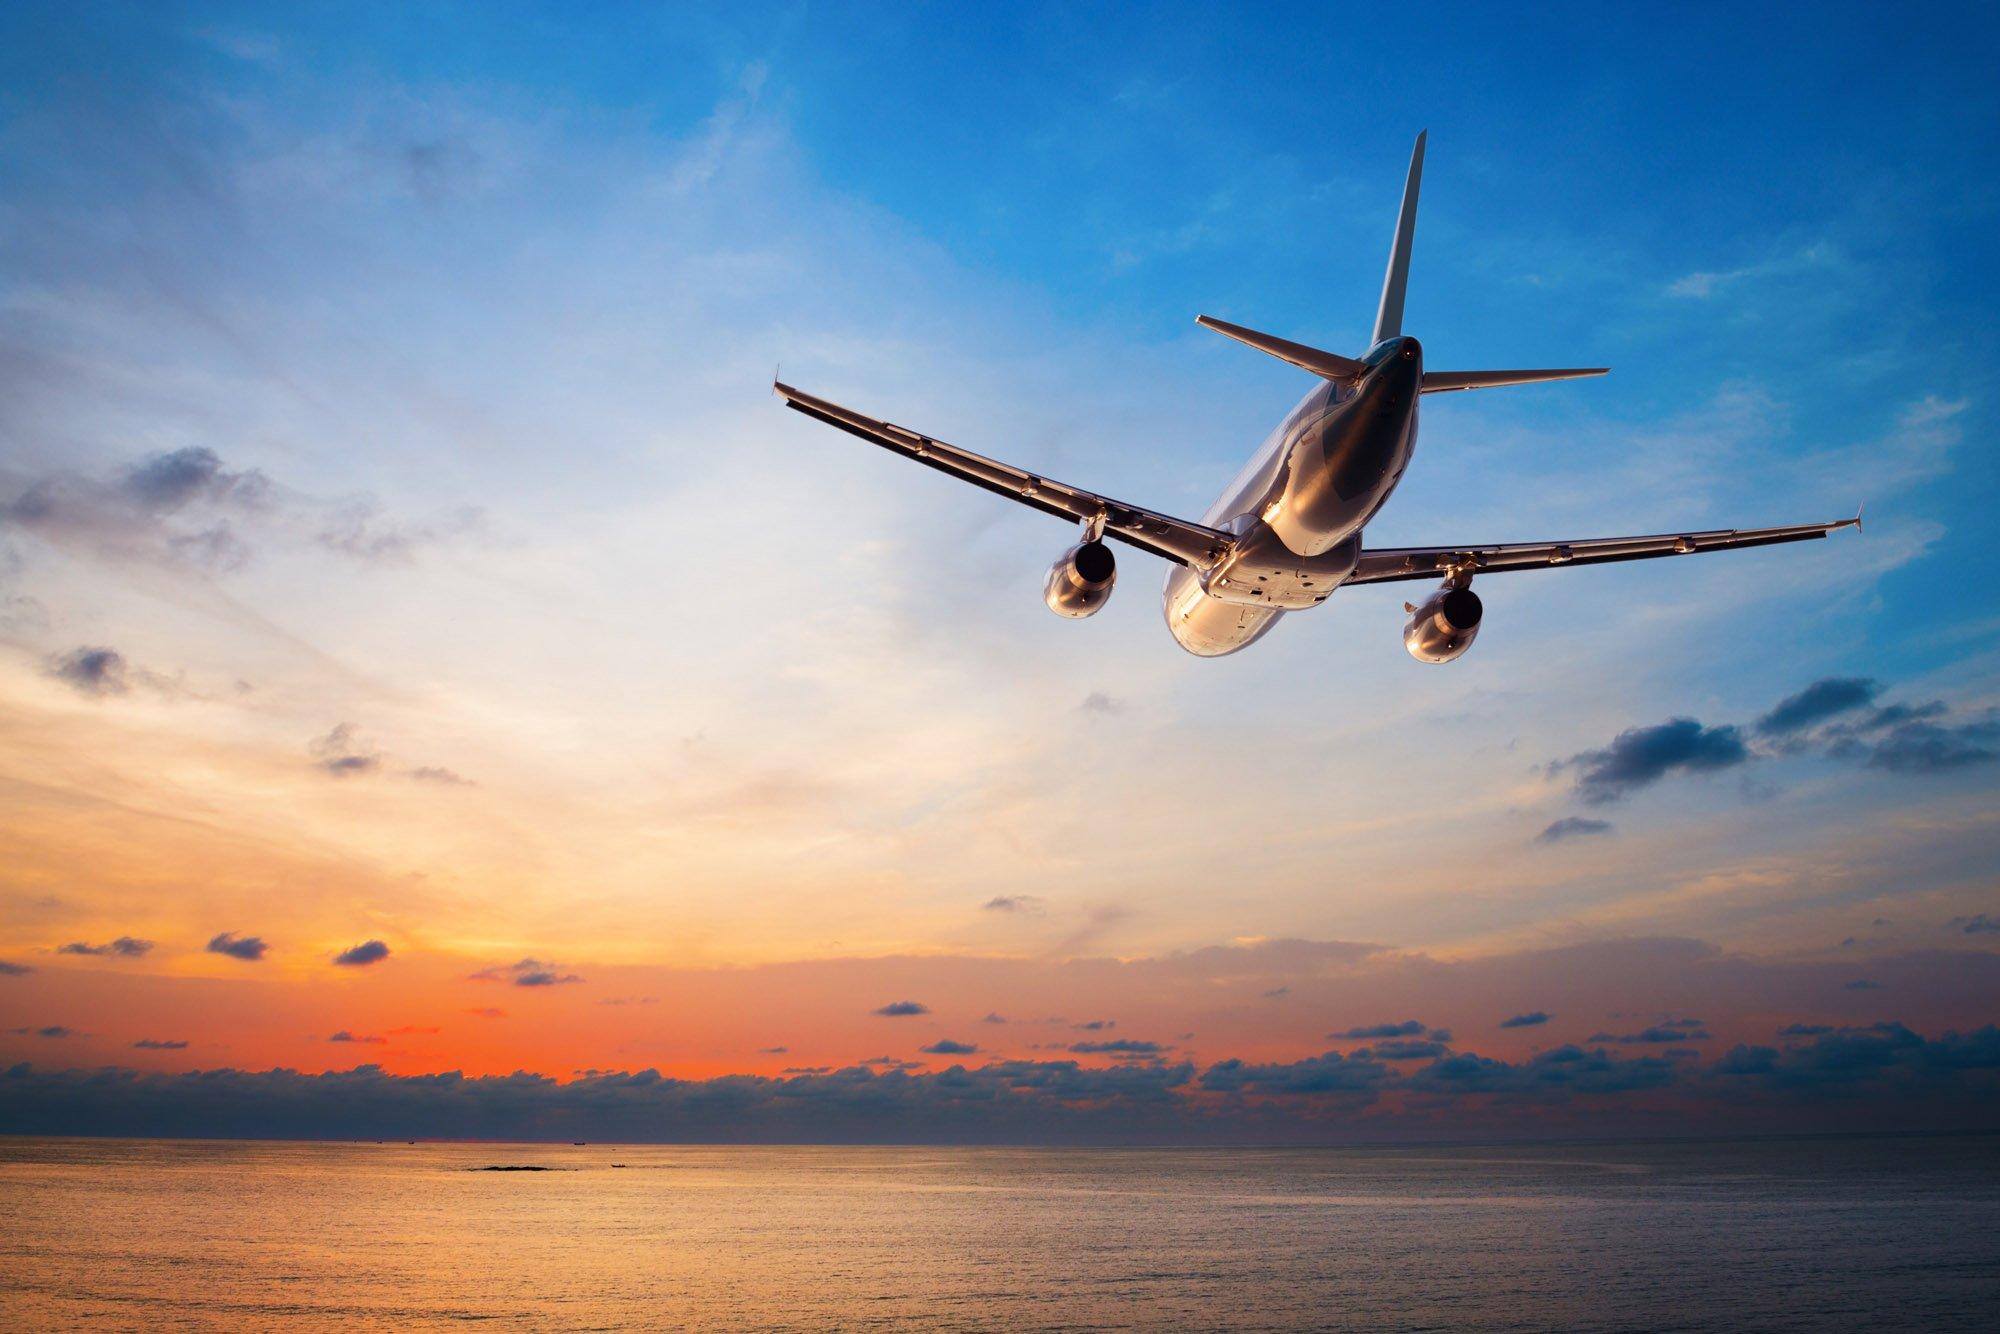 картинки самолеты в небе над морем еще один способ